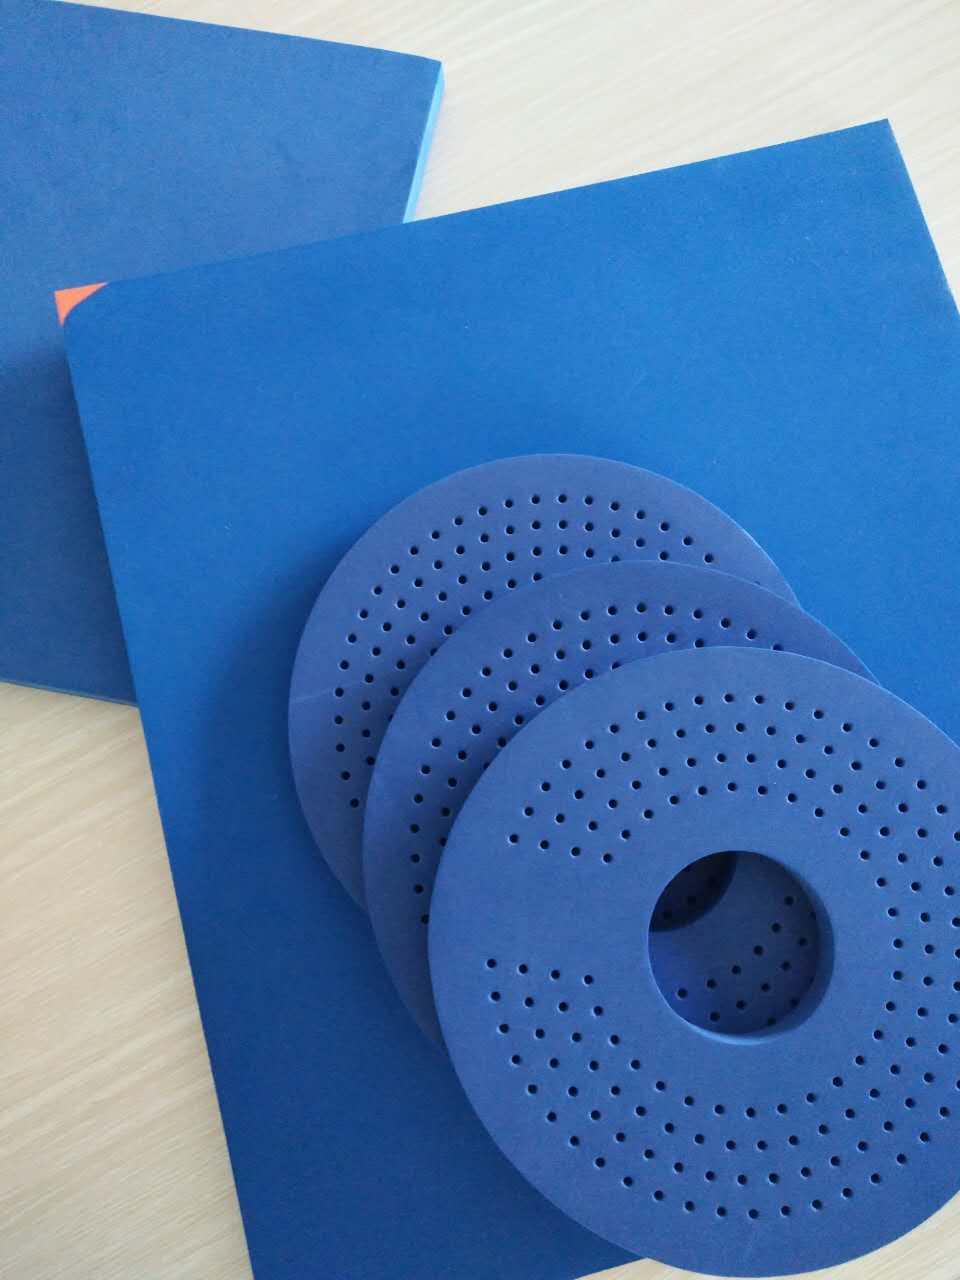 阻燃耐高温EVA泡棉 汽车内饰材料 厂家加工定制 出口产品